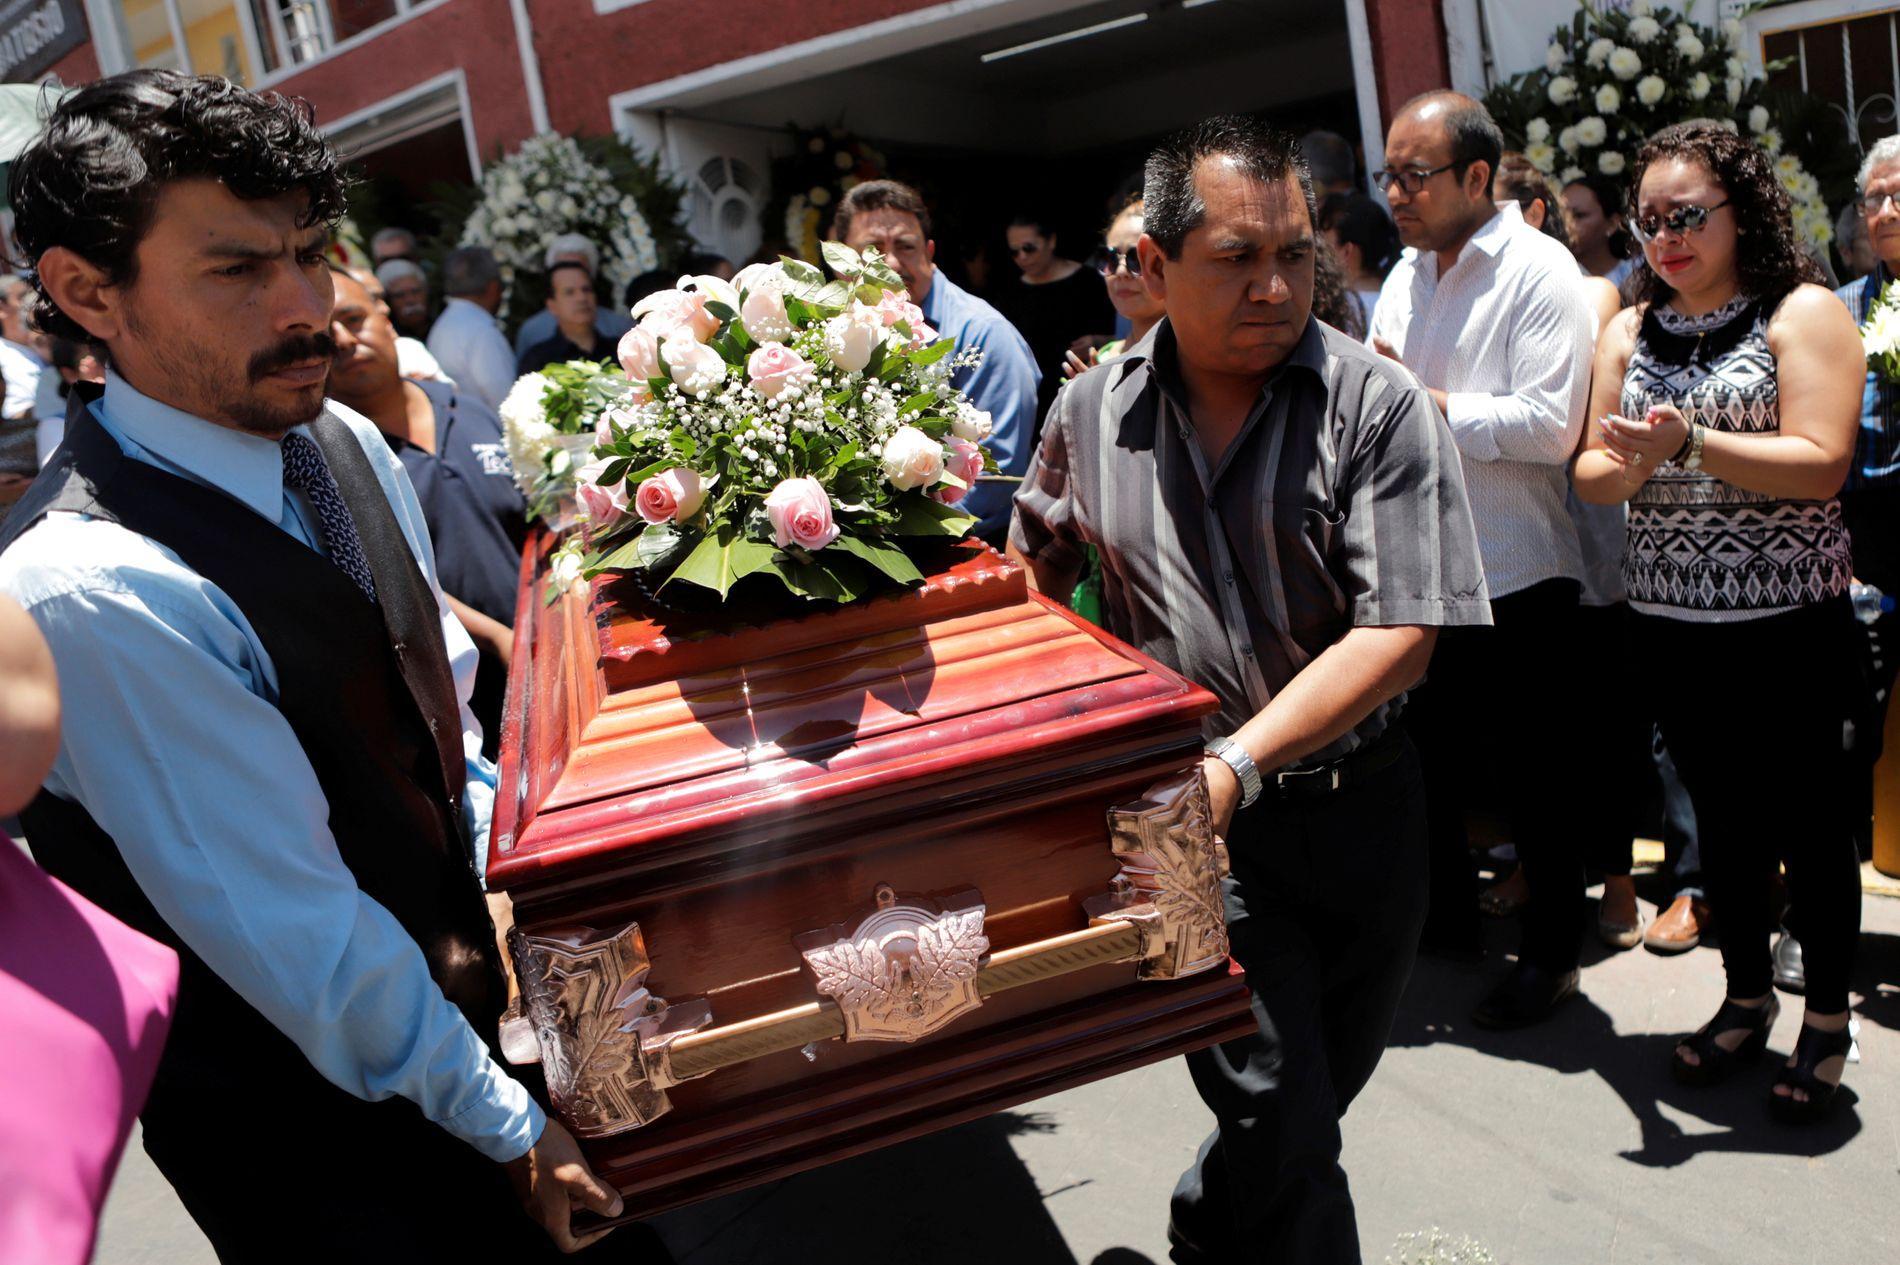 POLITISK VOLDS-EPIDEMI: Et hundretalls politikere har blitt drept de siste ni månedene i forkanten av presidentvalget 1. juli. Her fra begravelsen til lokalpolitiker Juana Irais Maldonado, som ble drept 3. juni i år. Hun var én av tre kvinnelige kandidater som alle ble myrdet samme døgn.